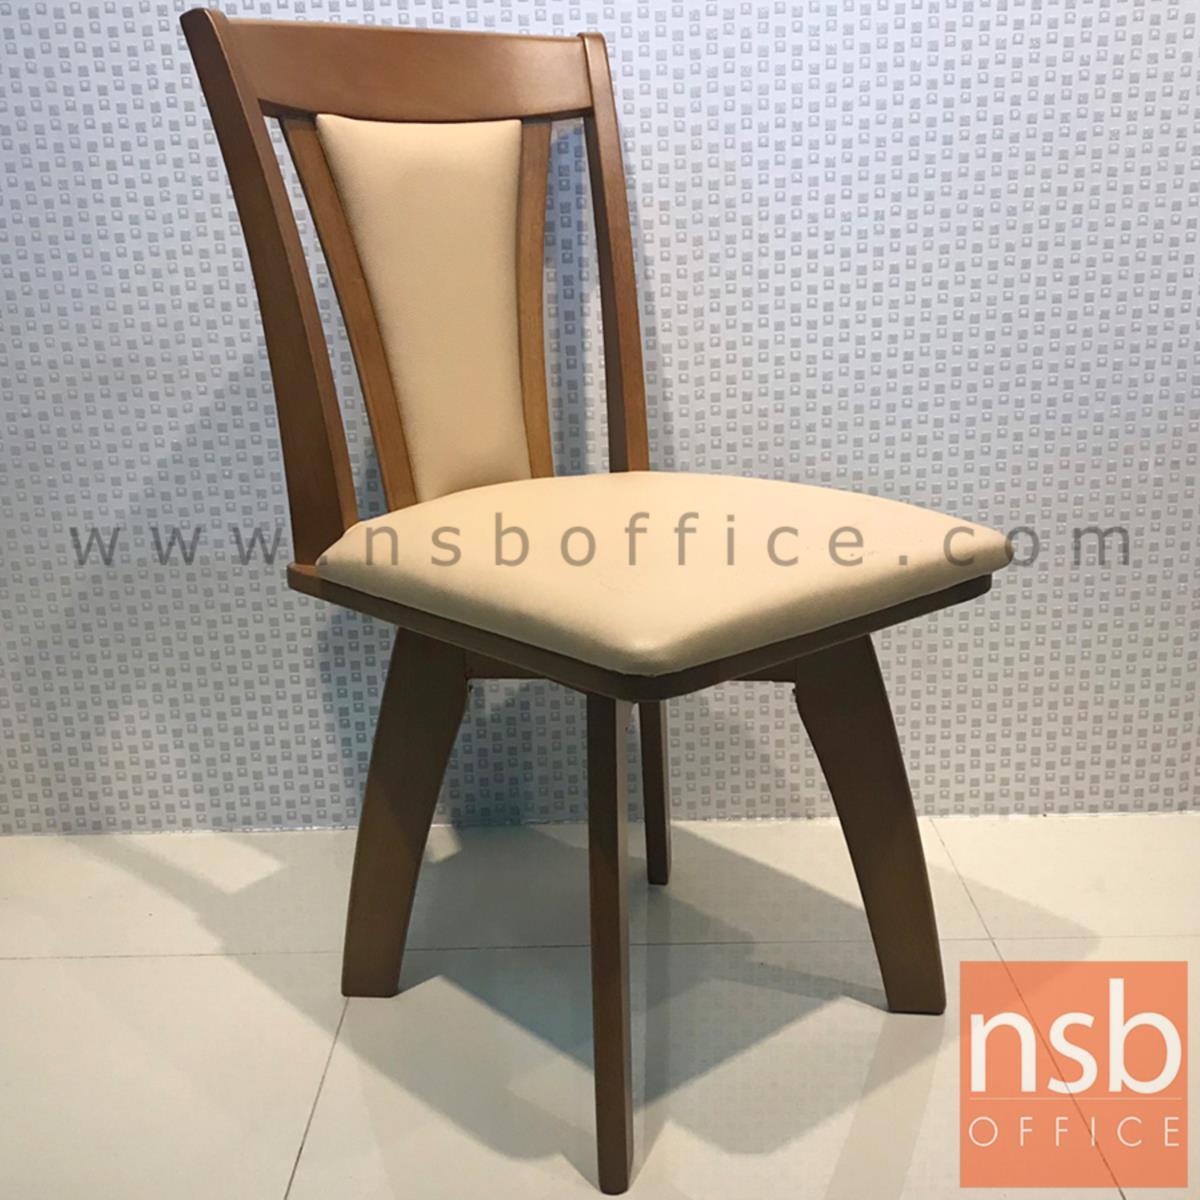 เก้าอี้ไม้ที่นั่งหนังเทียม รุ่น NSB-42 ขนาด 42W cm.